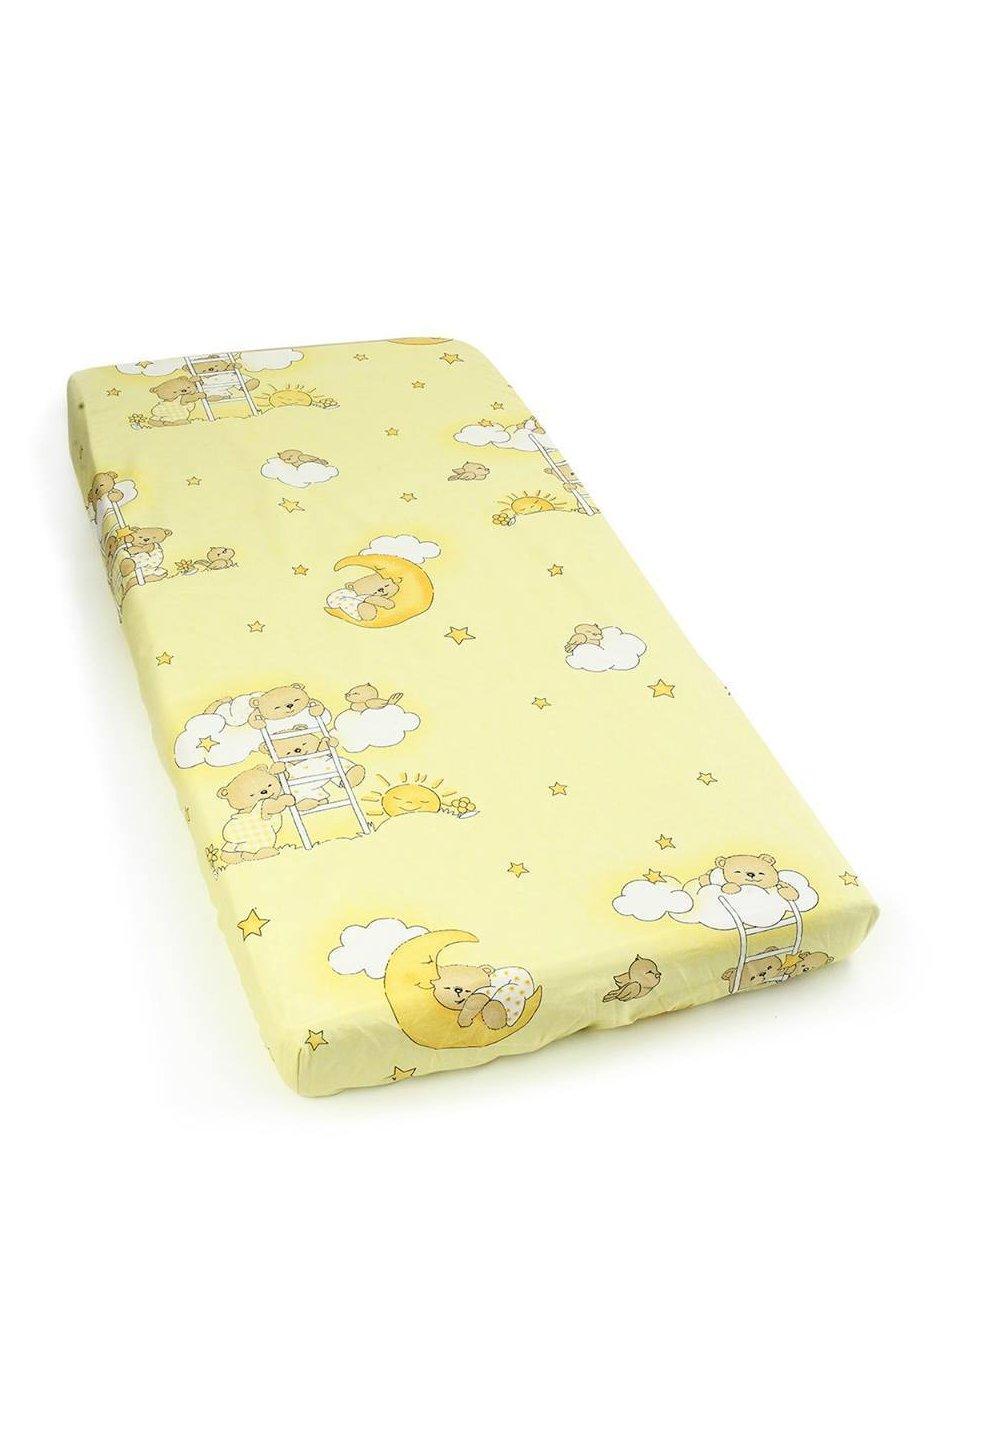 Cearceaf bumbac cu elastic, galben, ursuletul somnoros imagine